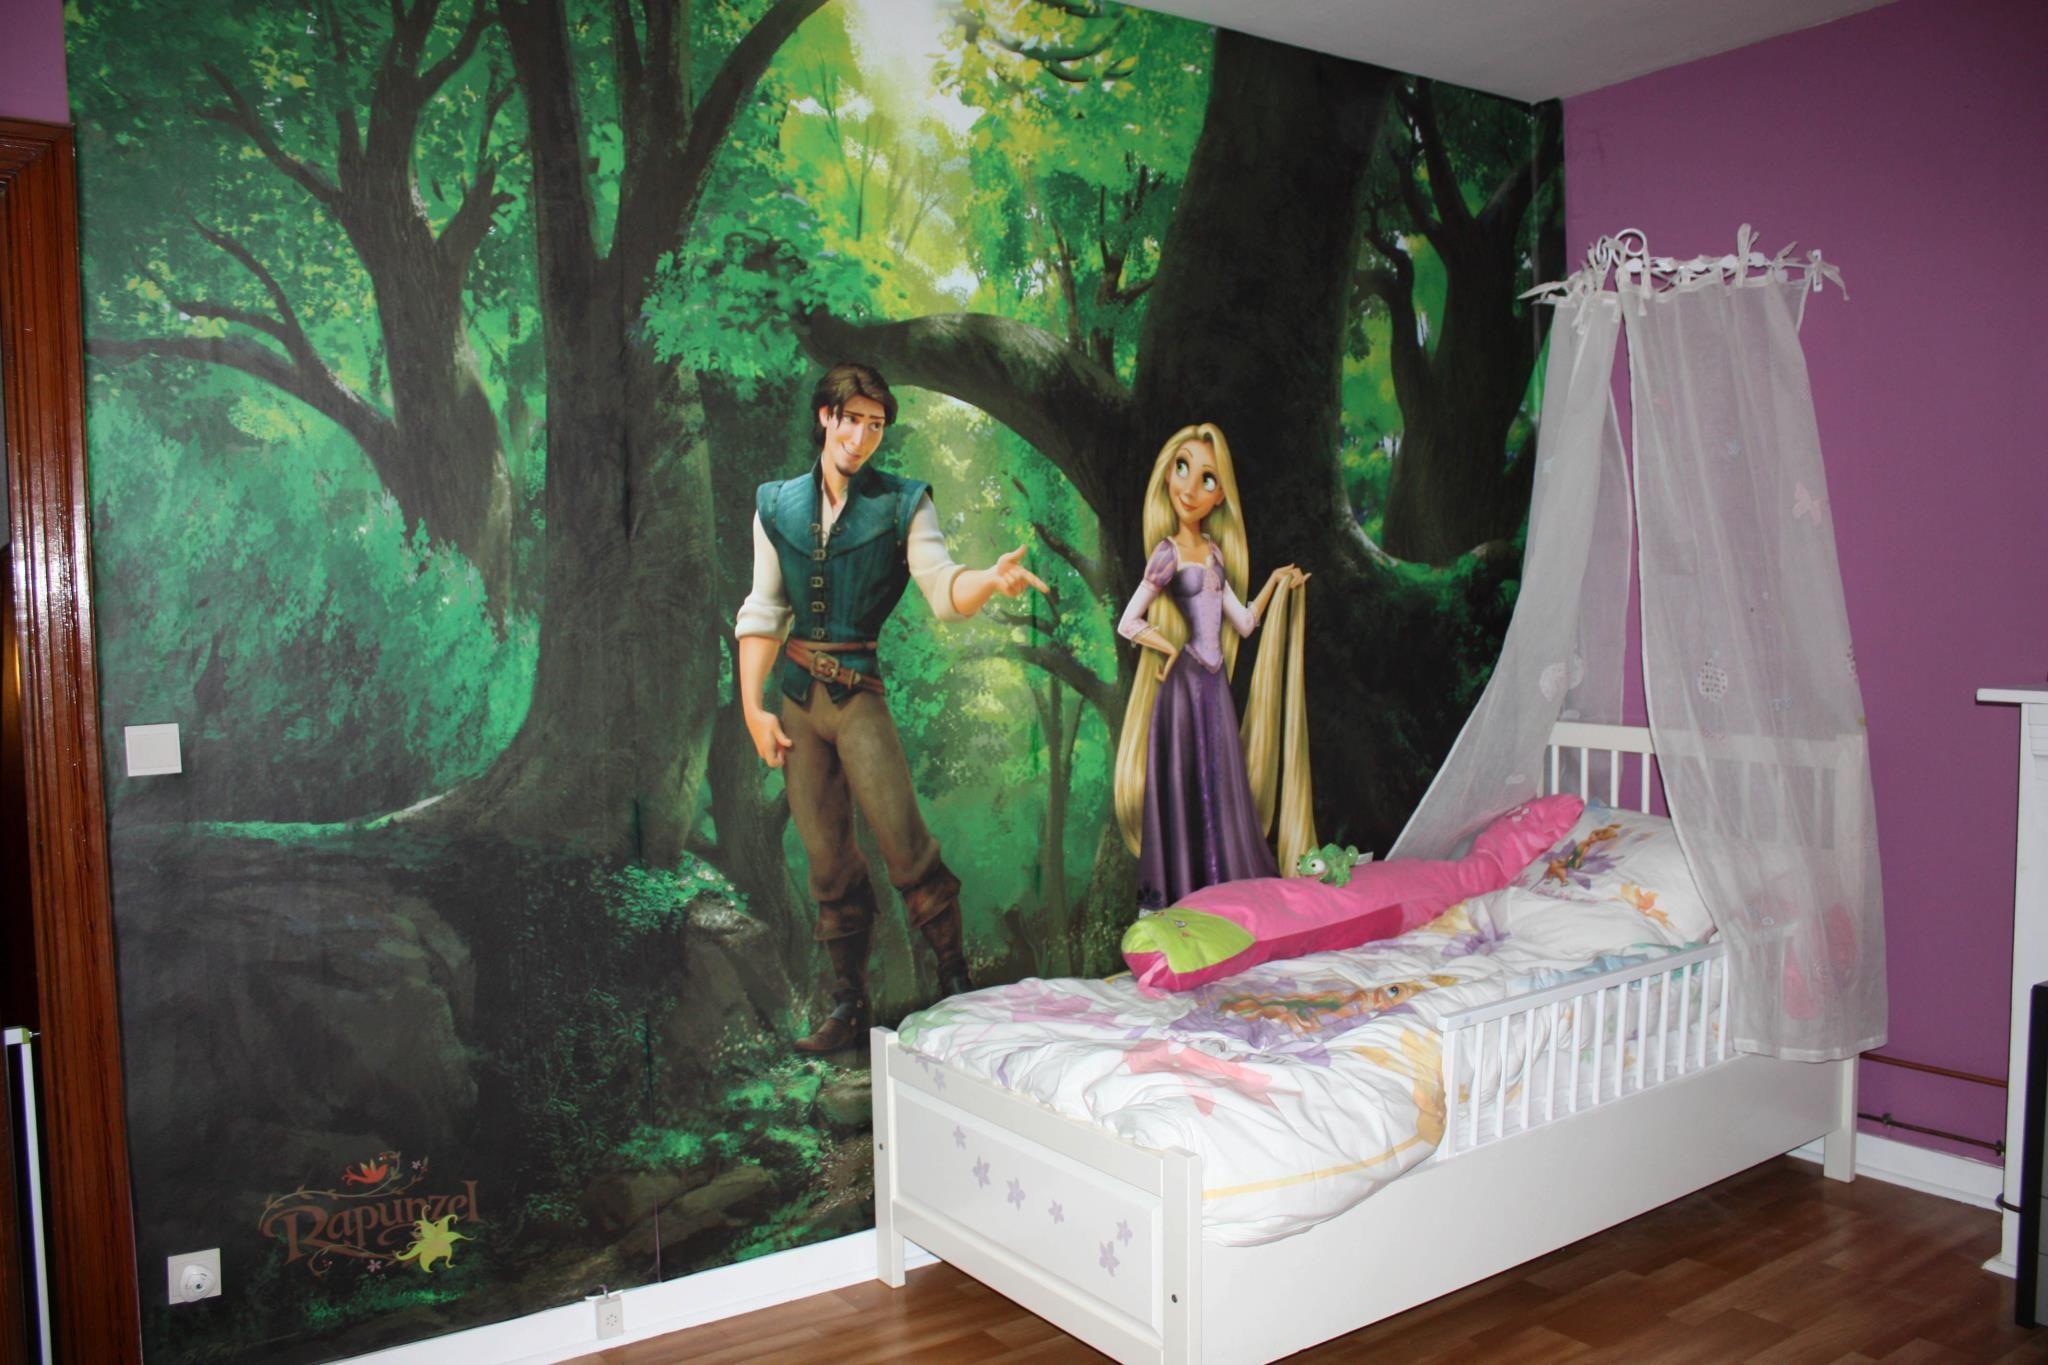 Chambre r alis e avec une fresque princess disney raiponce - Peinture princesse disney ...